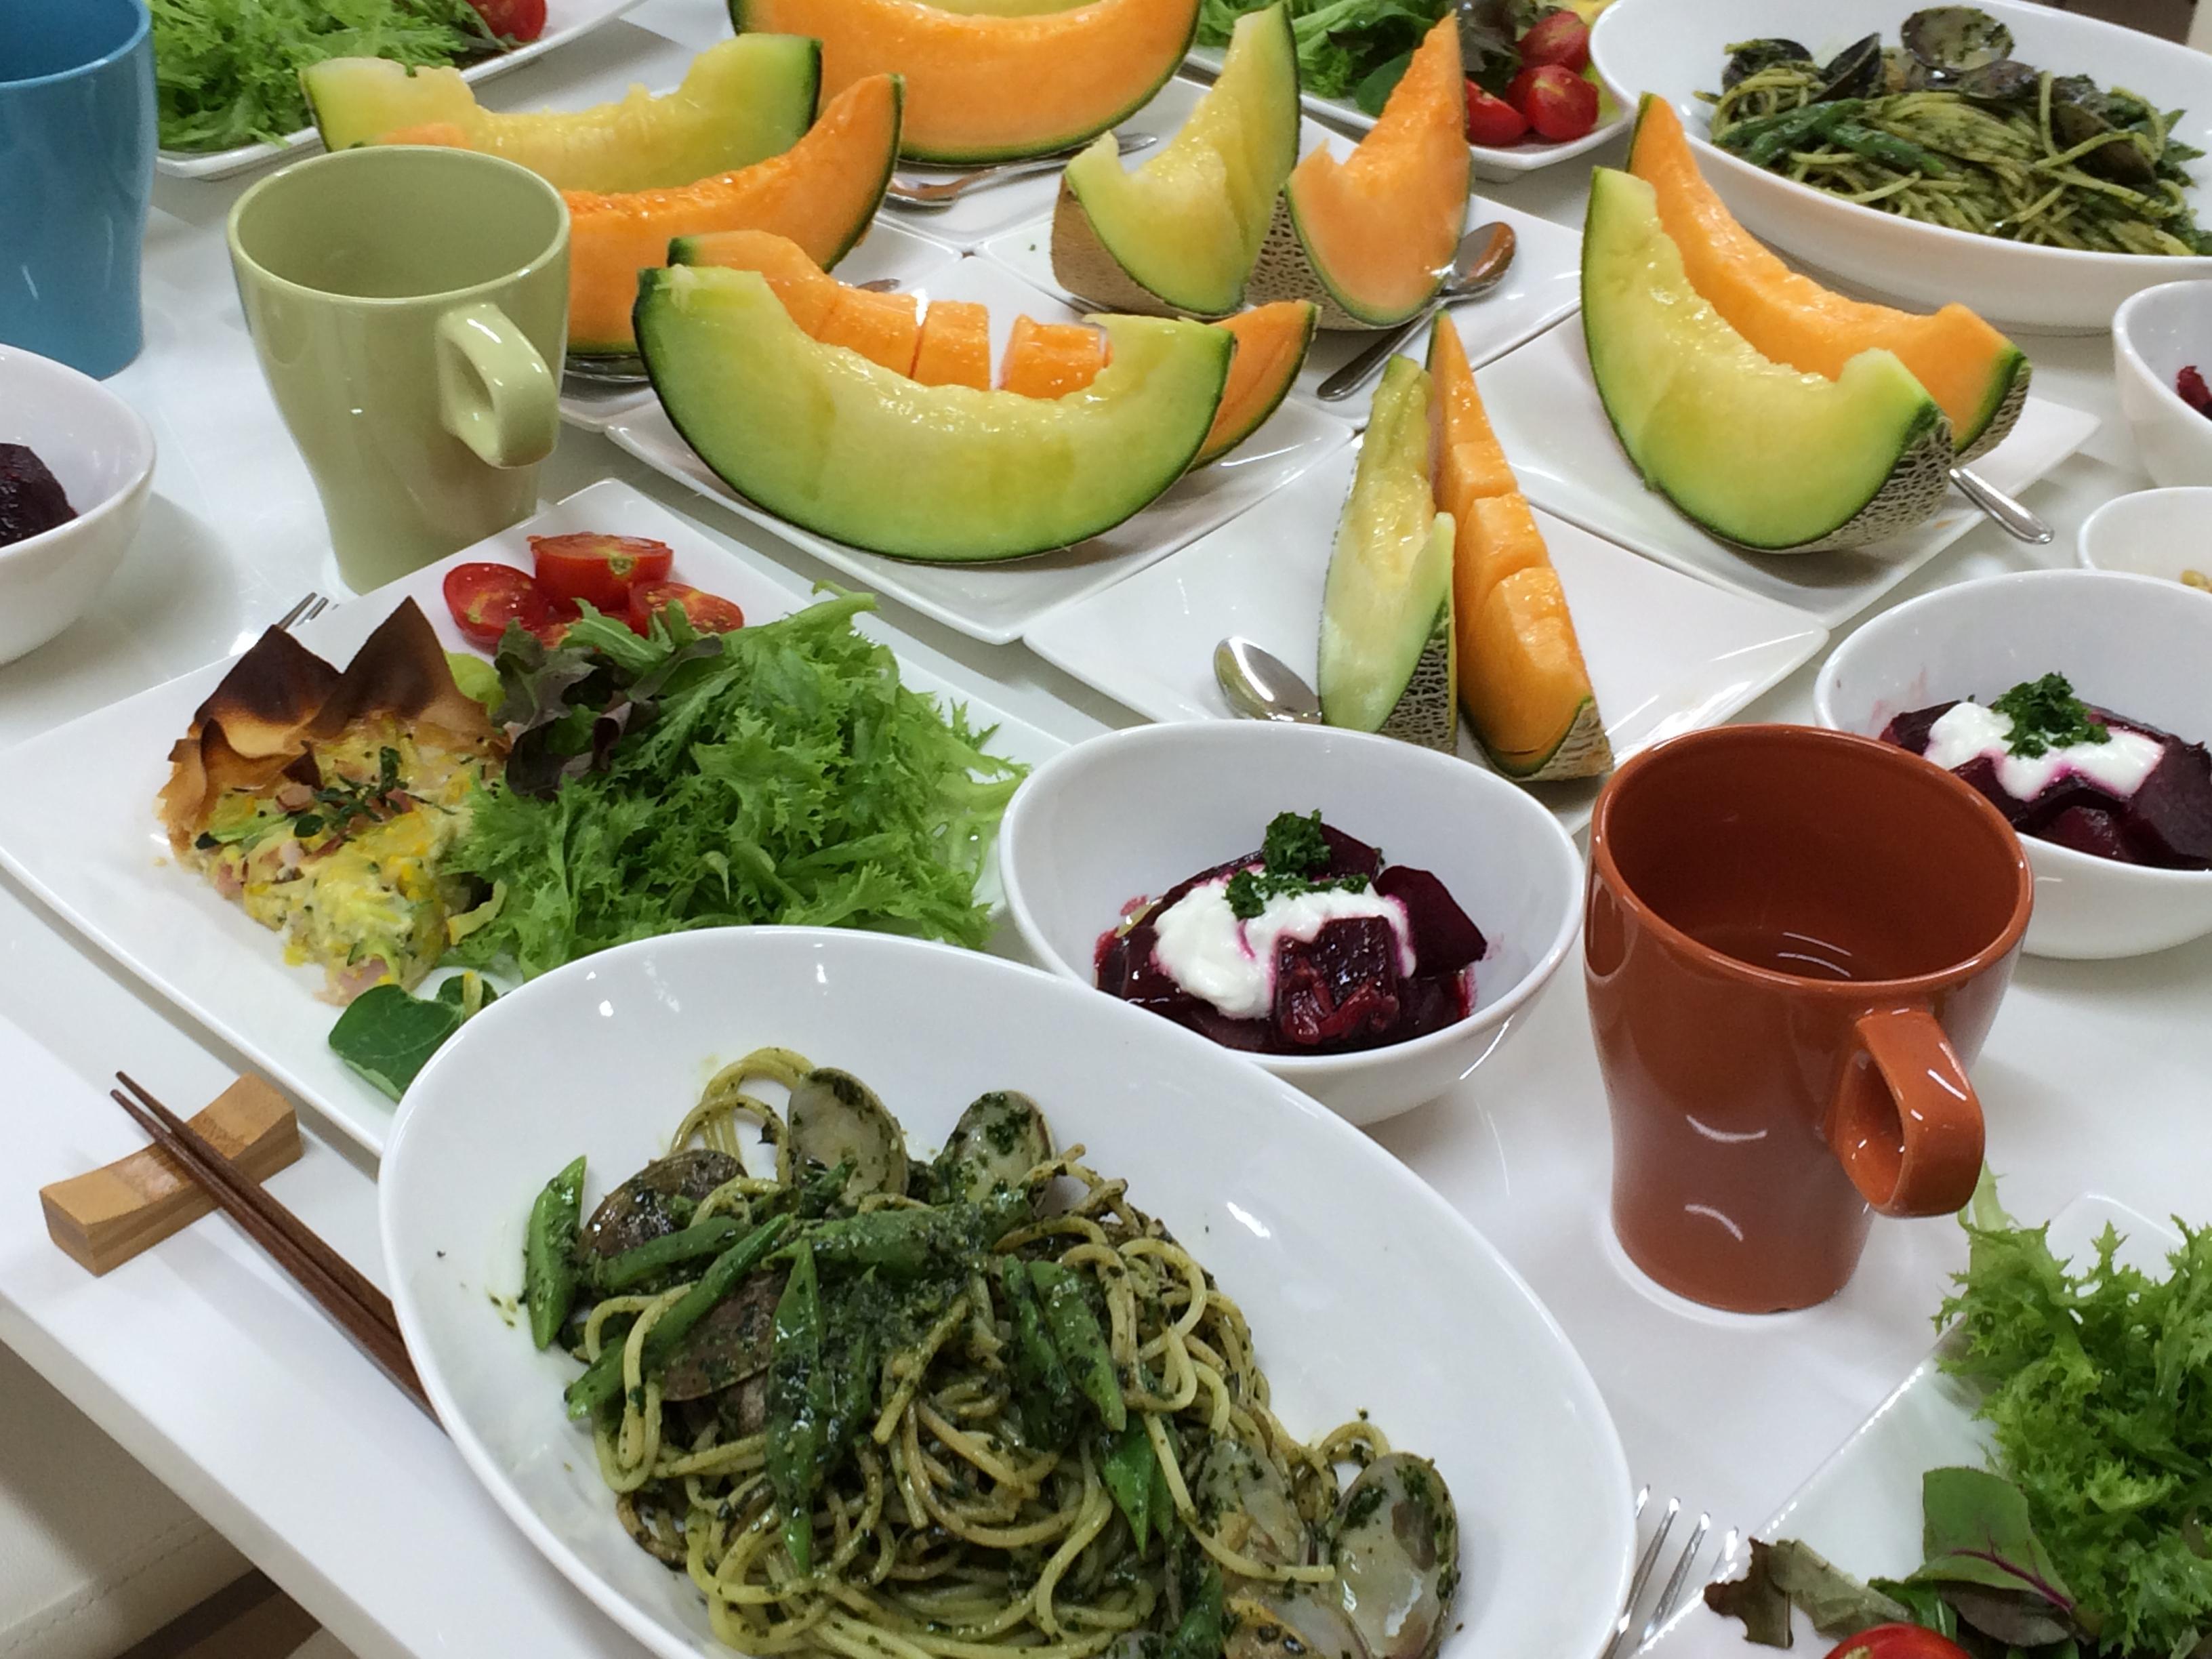 ハーブ・野菜・果物を楽しむ講座 2015年8月